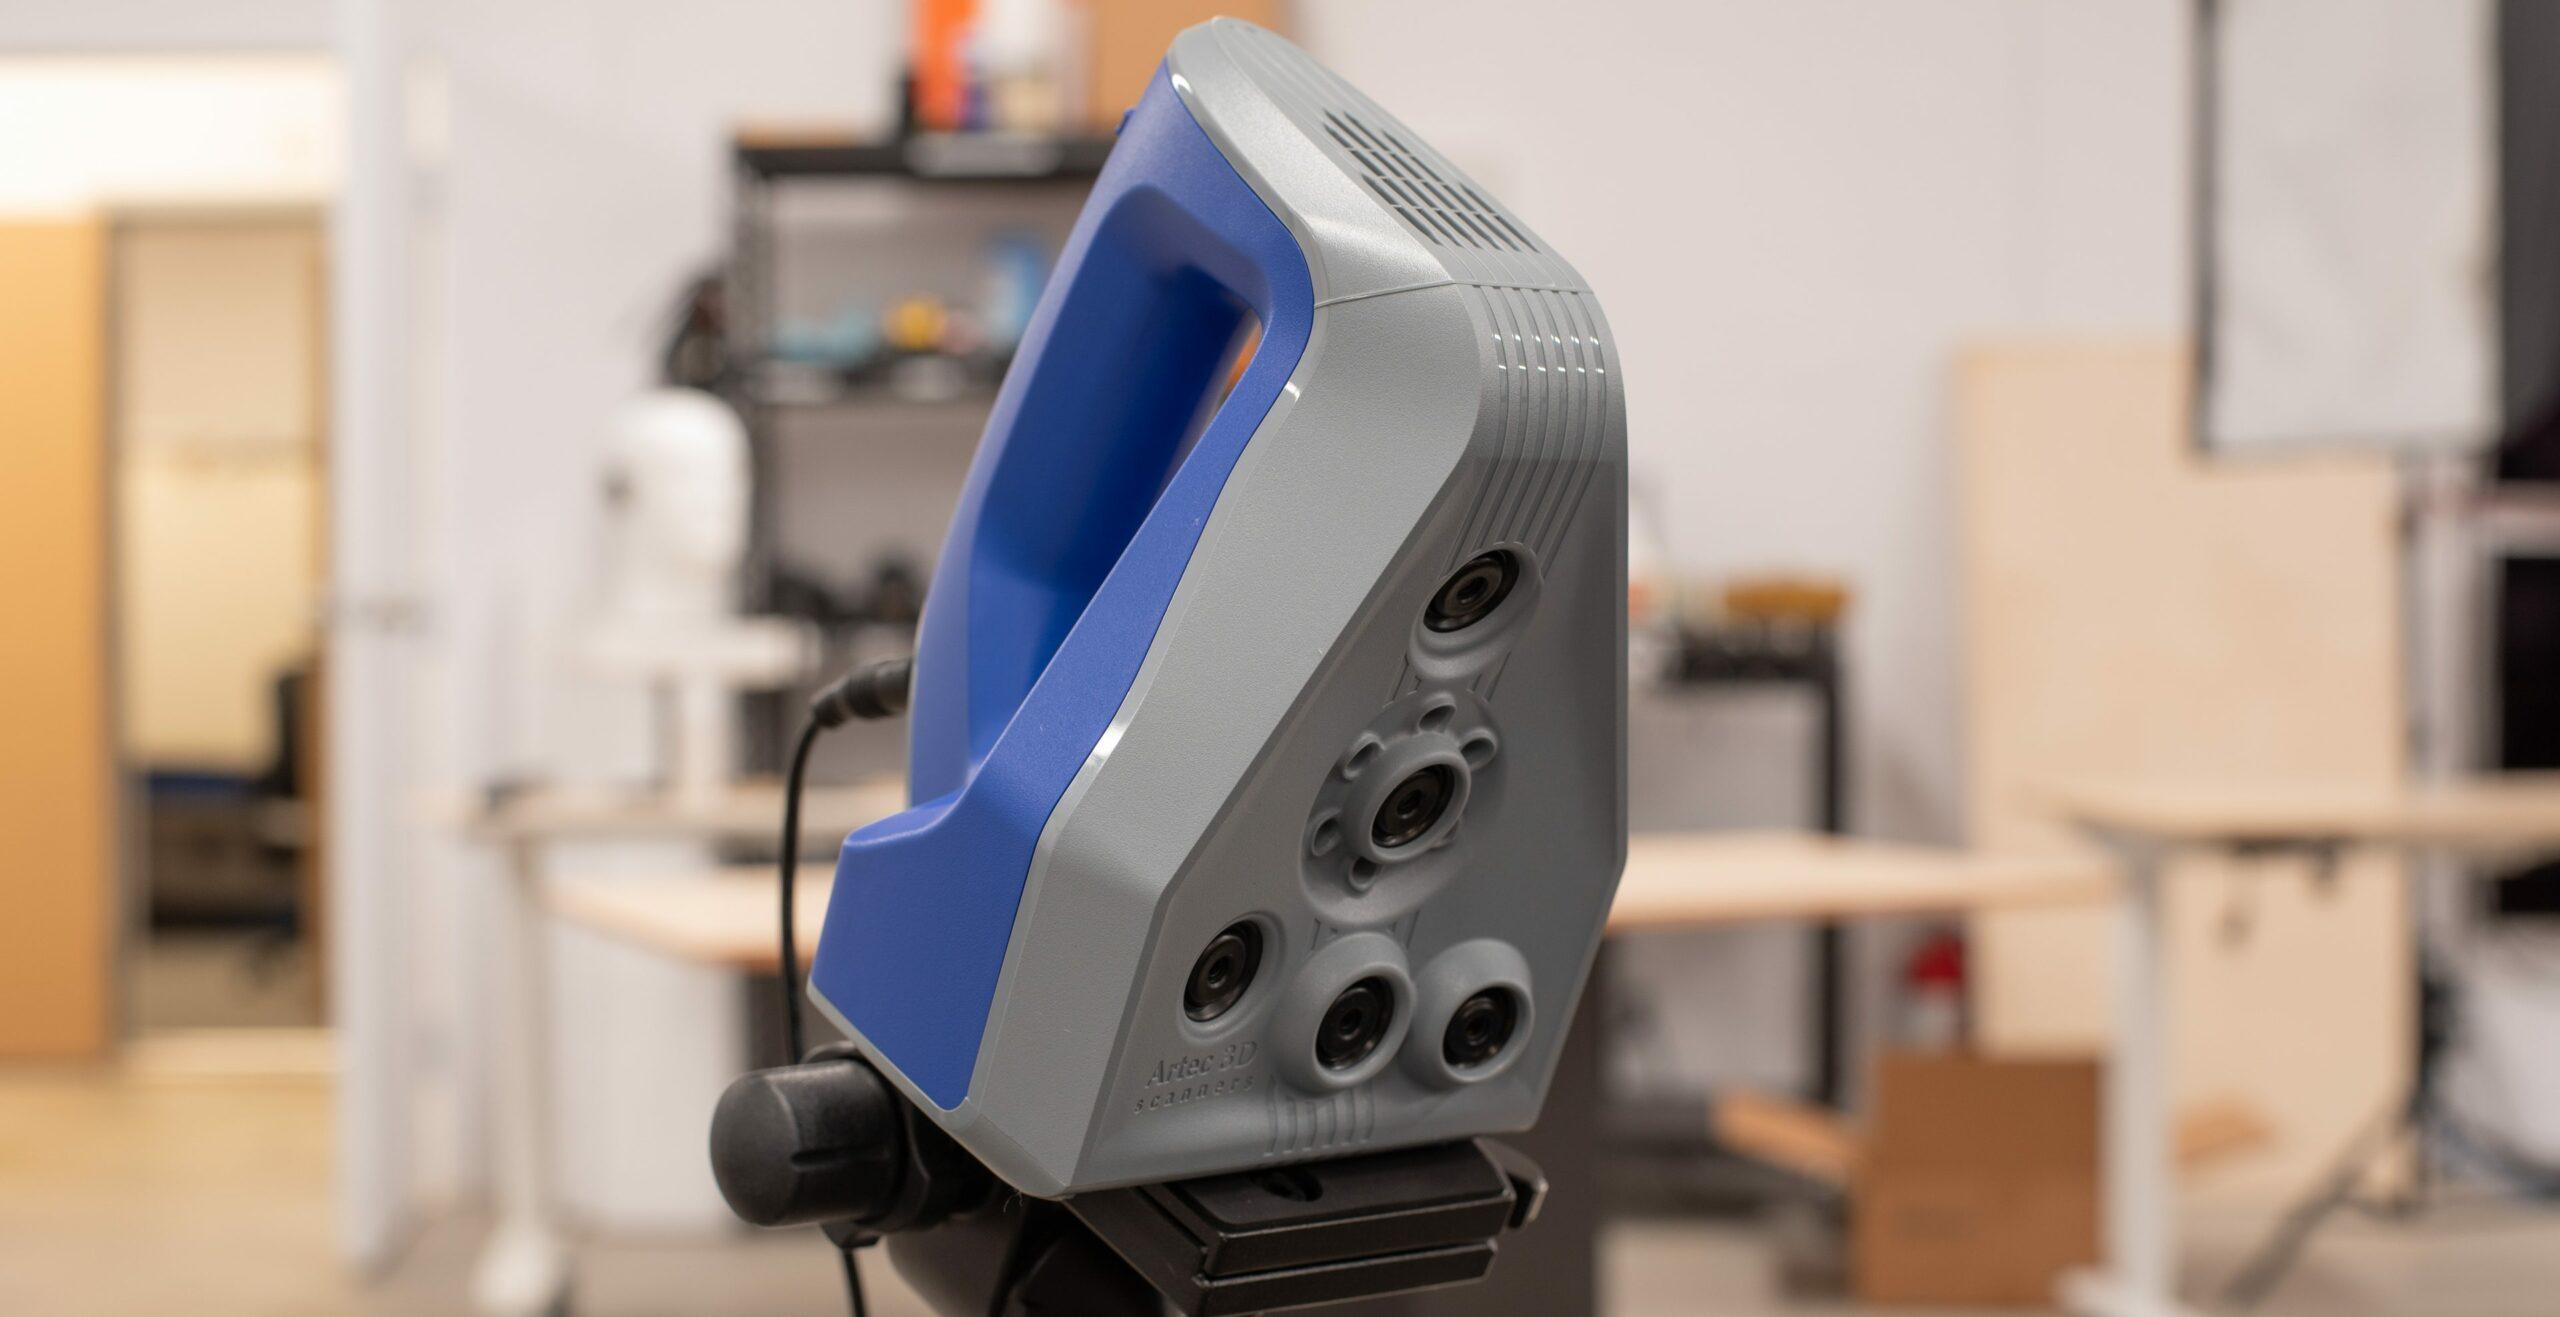 Prise en main du Artec Space Spider, un scanner 3D portable